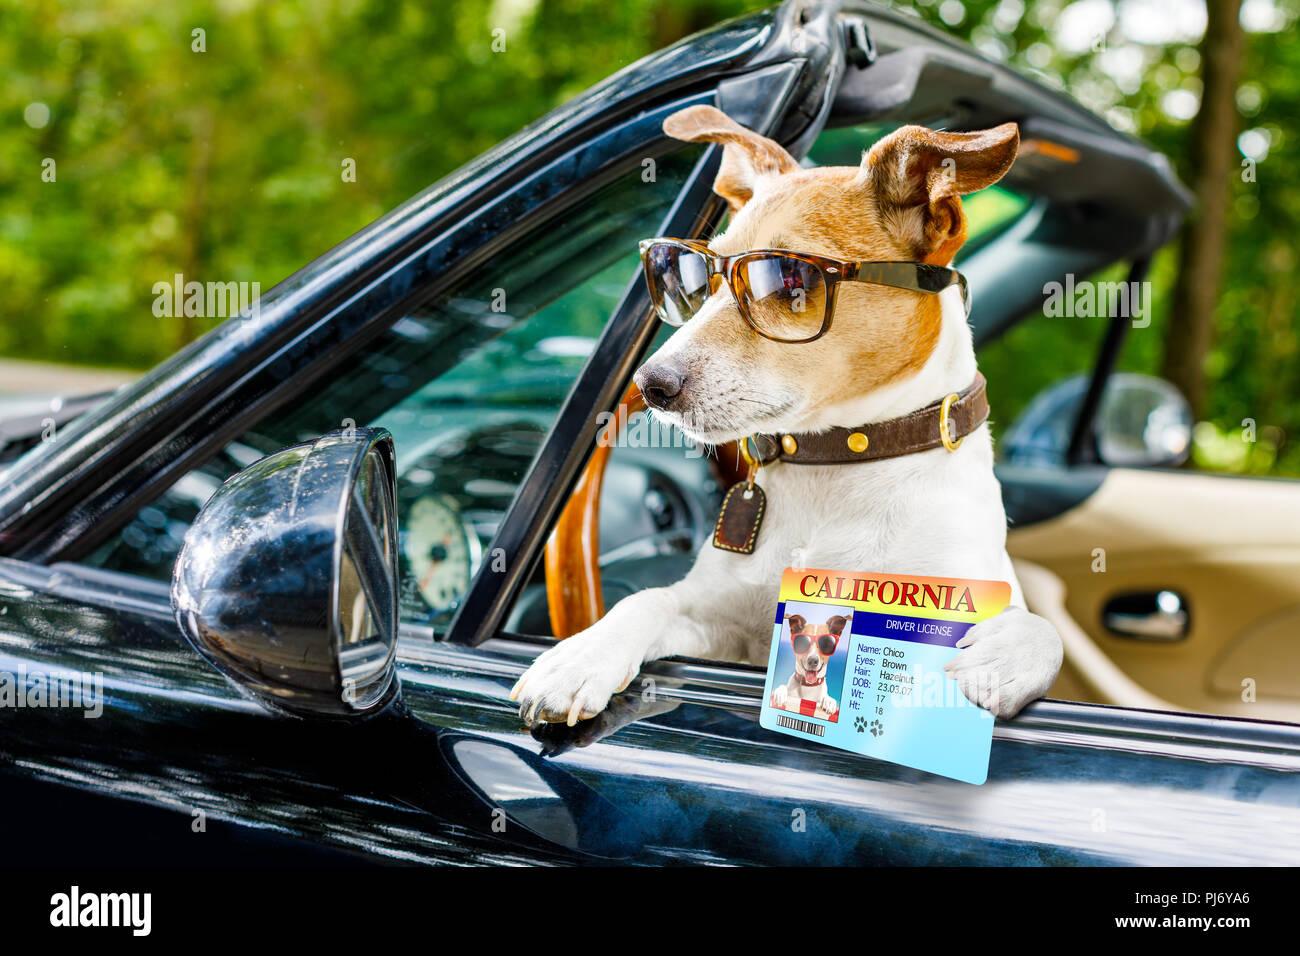 Jack Russell perro en un automóvil cerca del volante, listo para conducir rápido y guardar , con el cinturón de seguridad abrochado, con la licencia de conductores Imagen De Stock